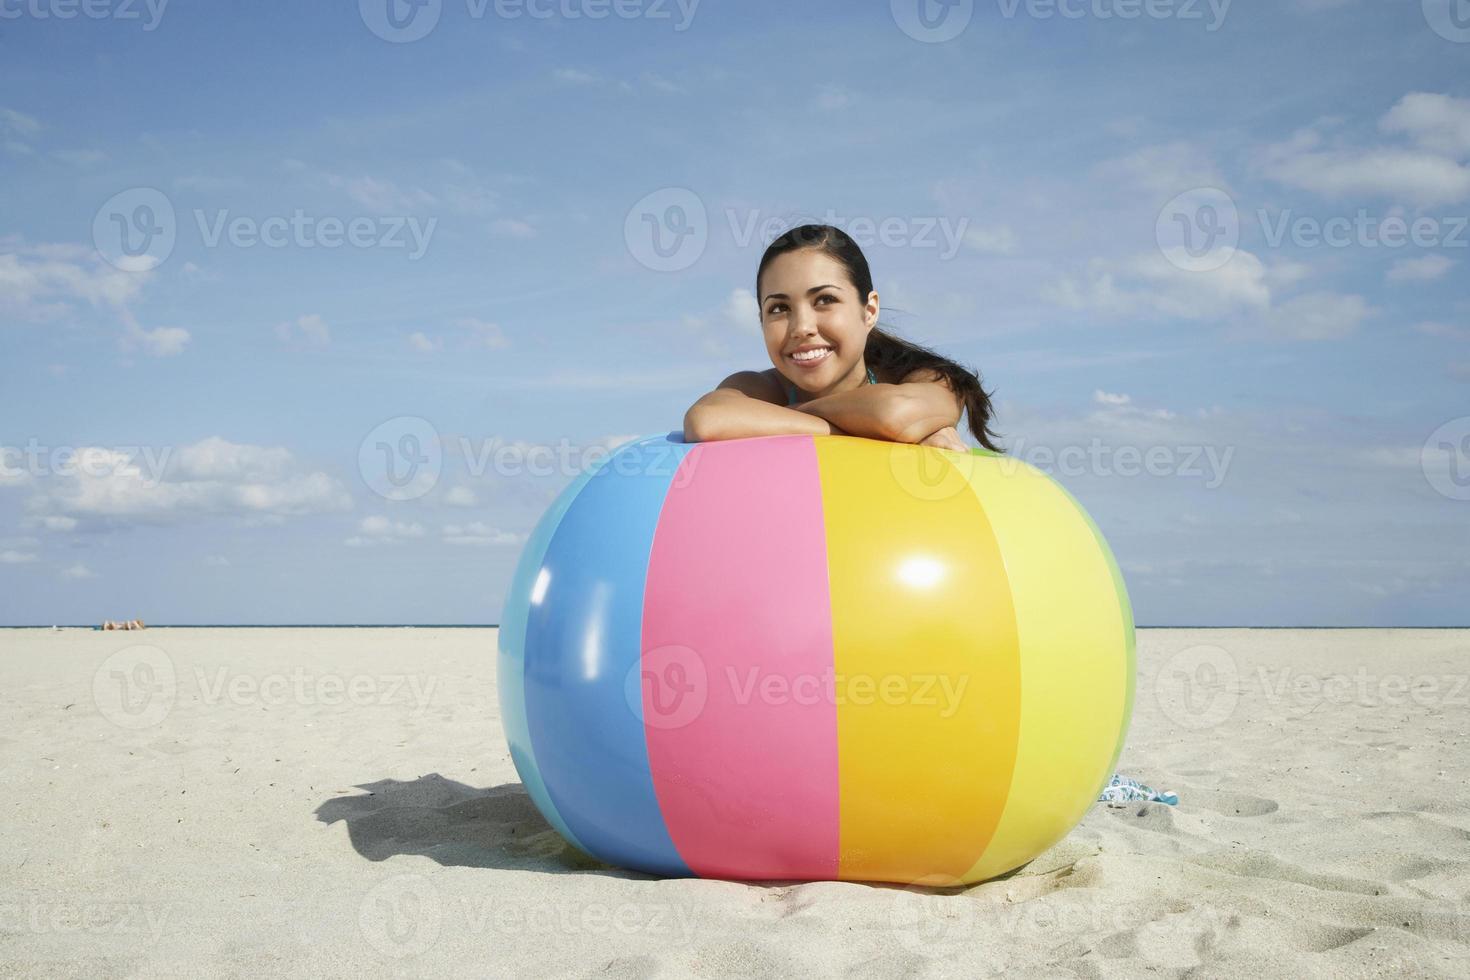 ragazza adolescente rilassante sul pallone da spiaggia colorata foto